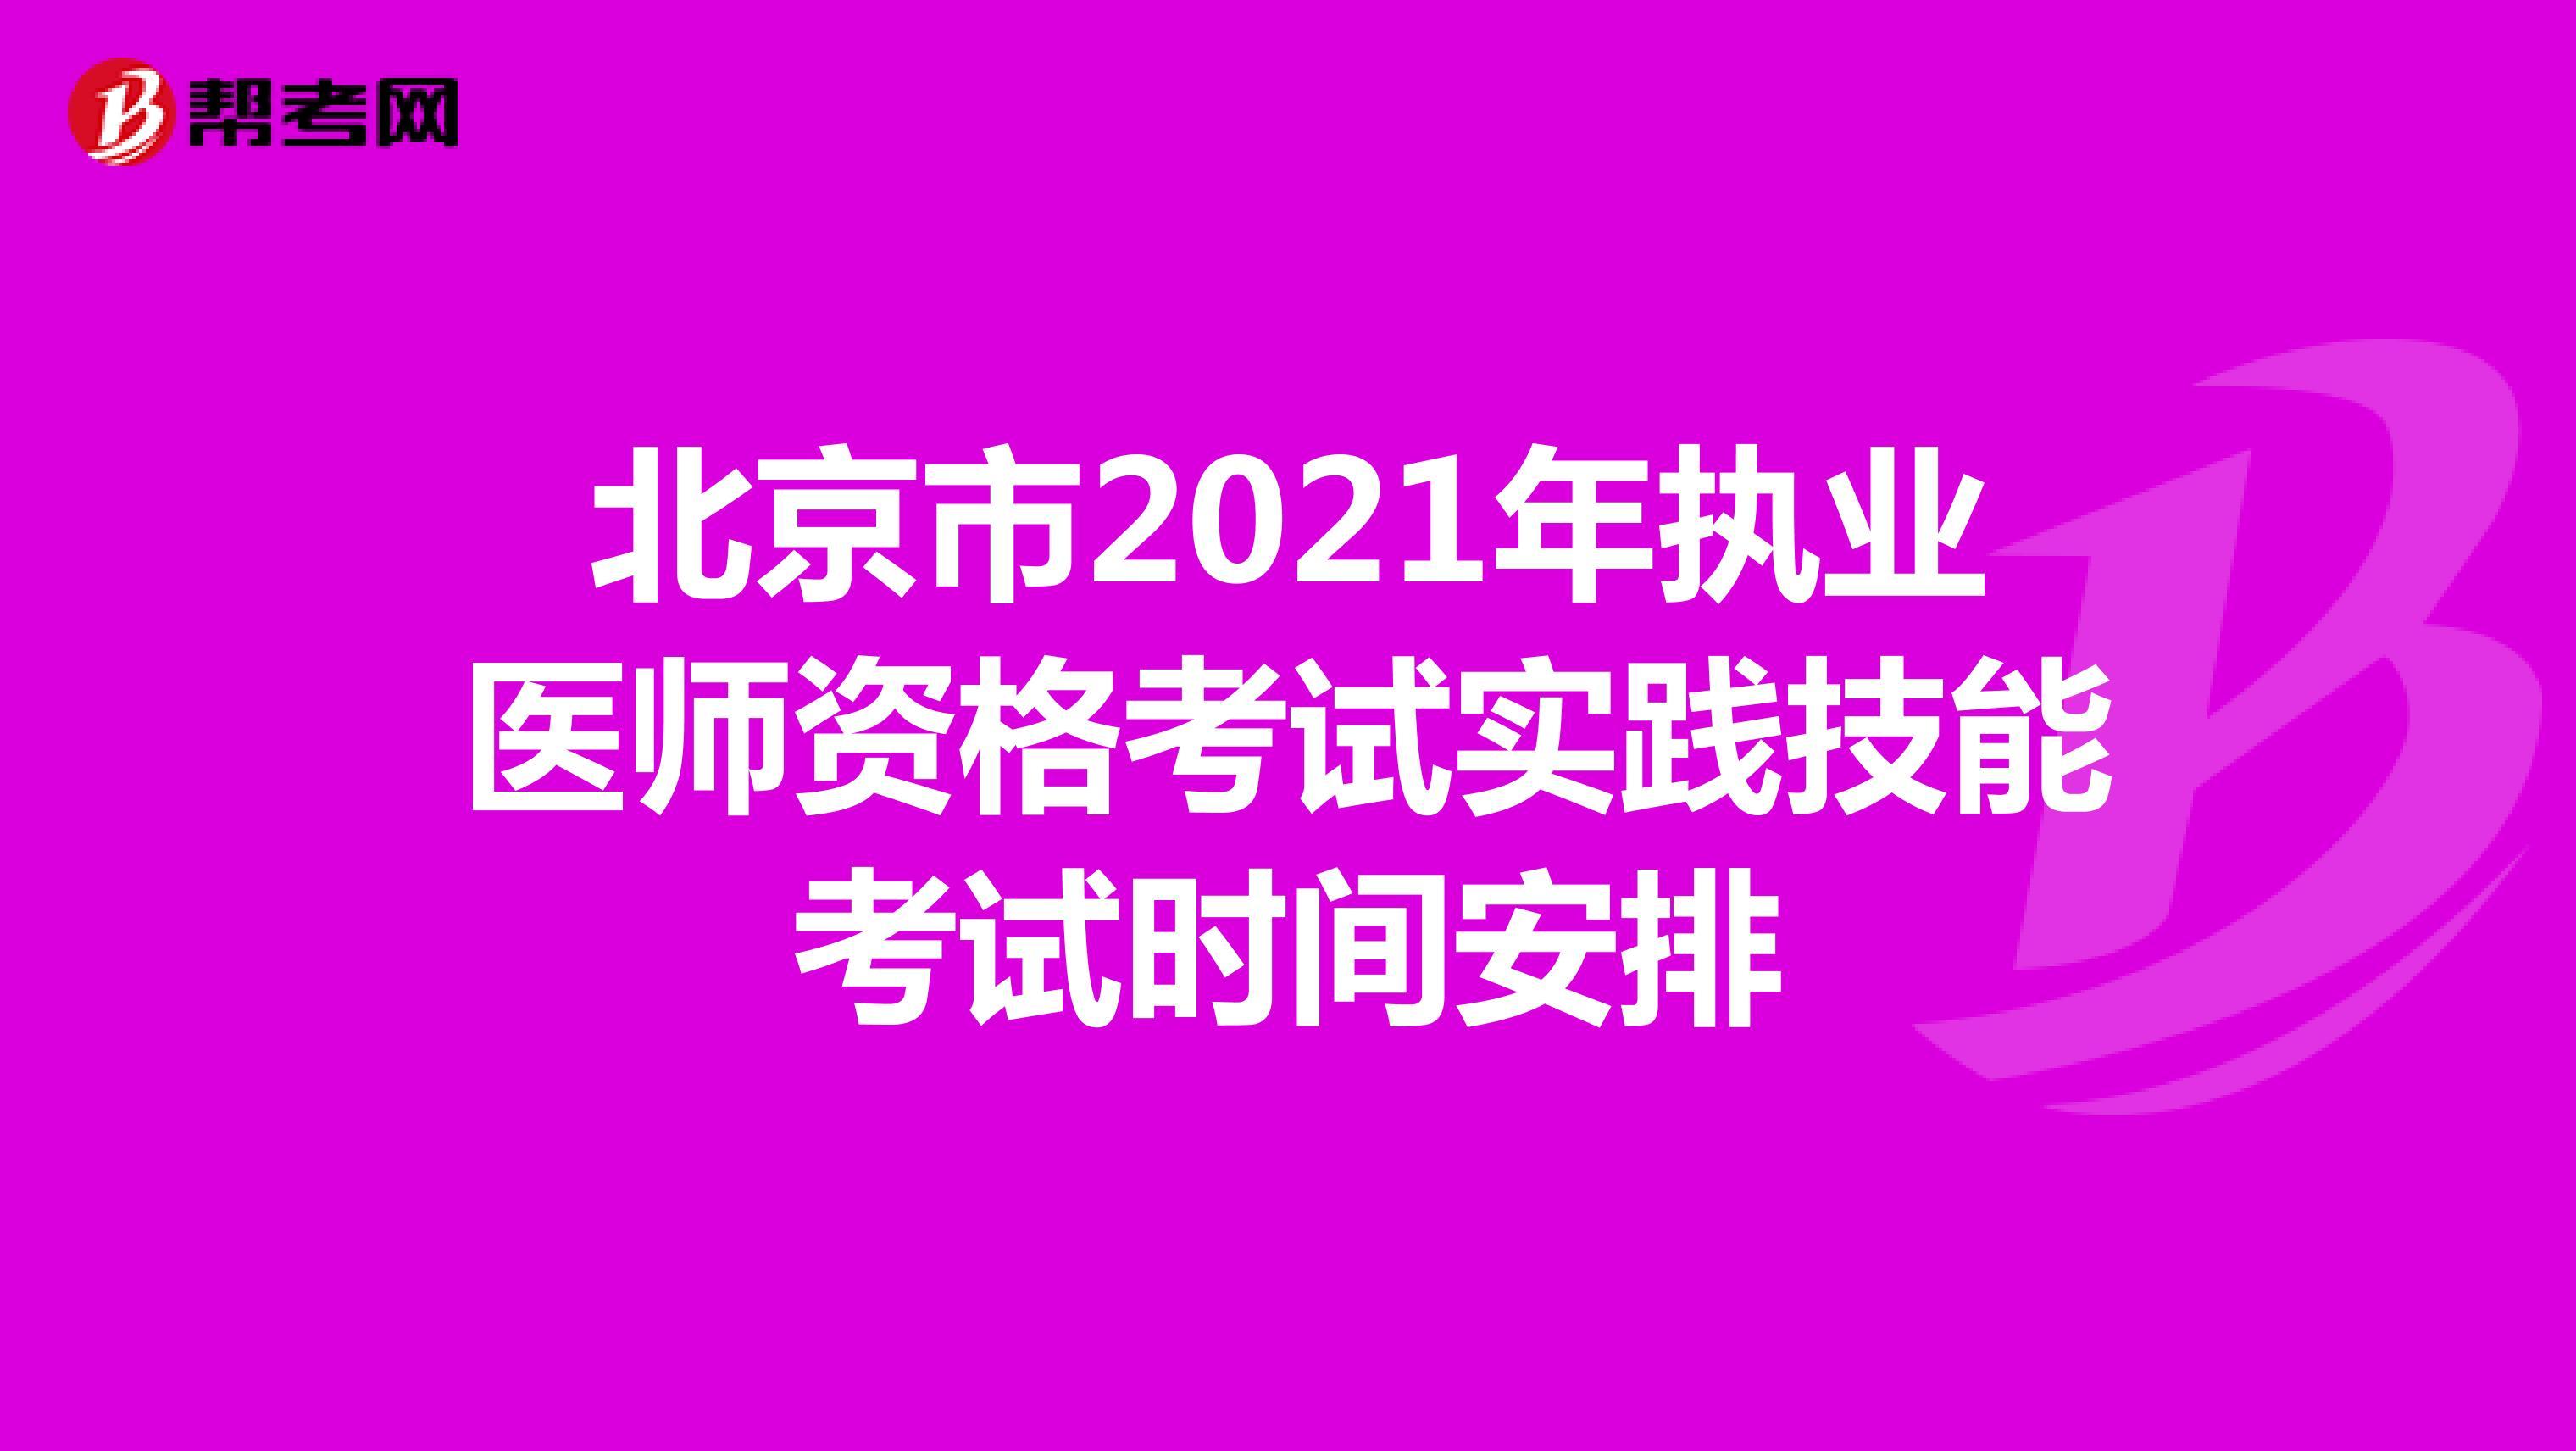 北京市2021年执业医师资格考试实践技能考试时间安排